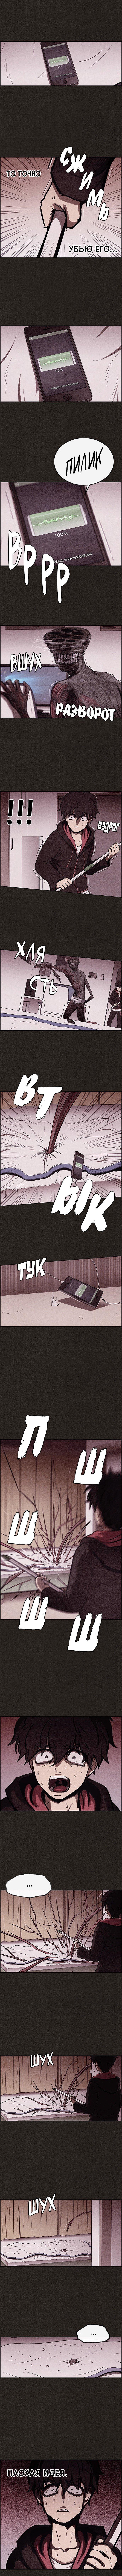 Манга Милый дом / Sweet Home (HWANG Youngchan) - Том 1 Глава 10 Страница 4